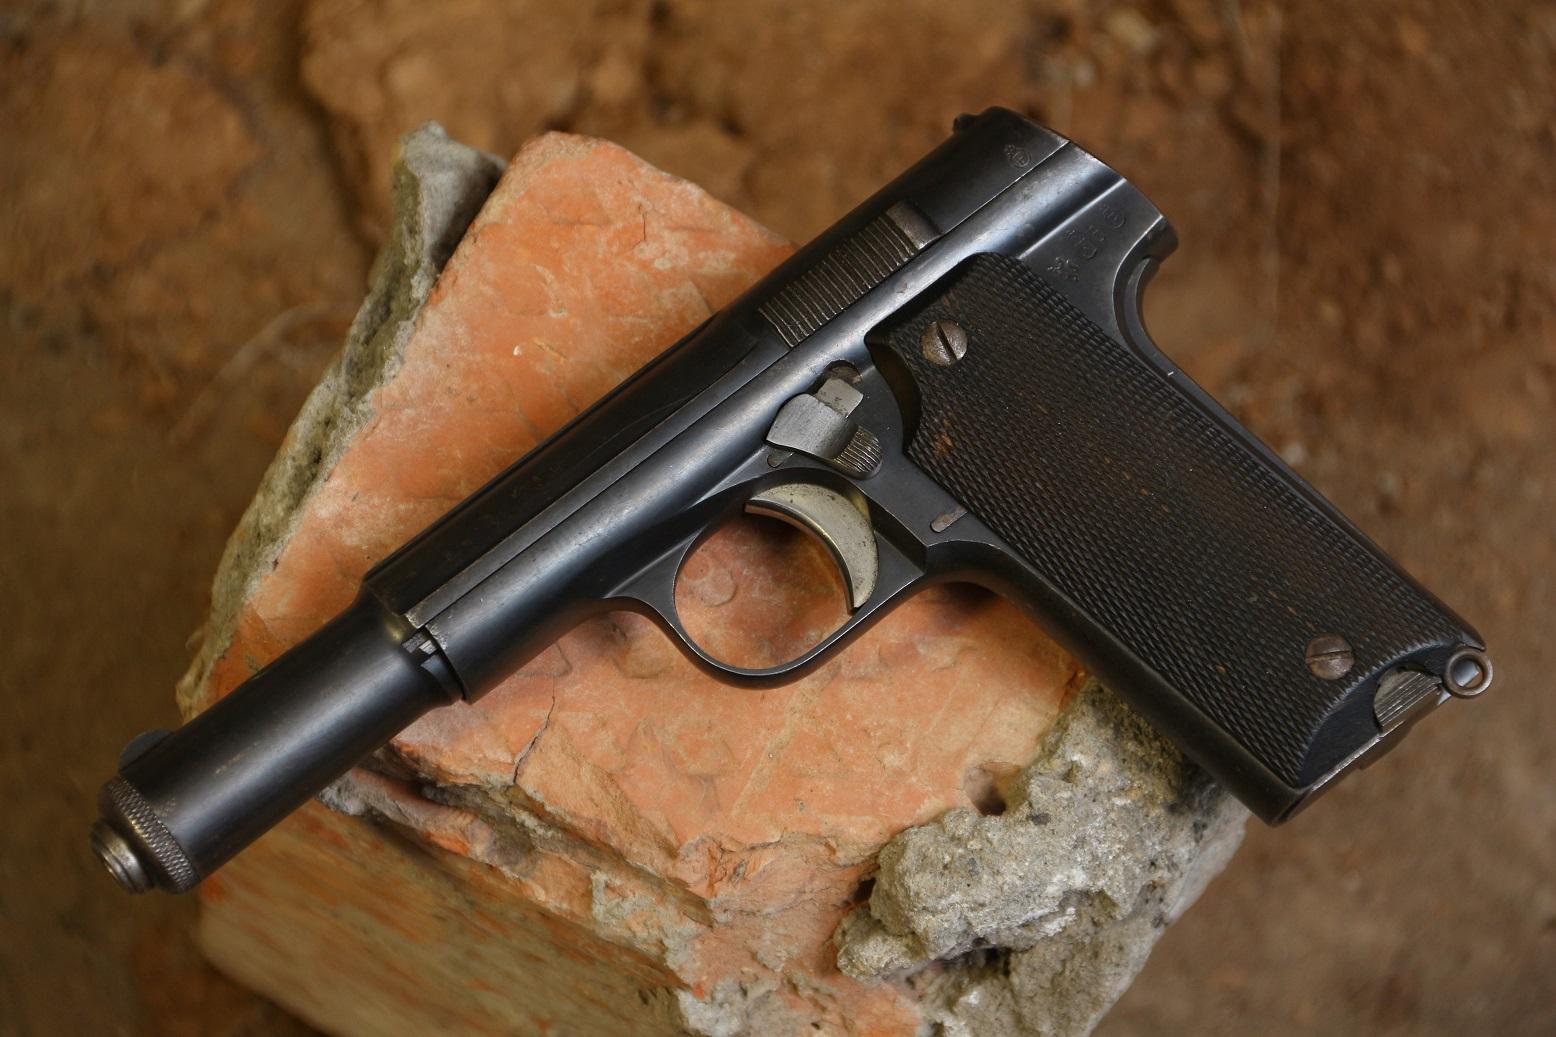 Фото Пистолет Astra 600 #4821, выпуск для нацистской Германии